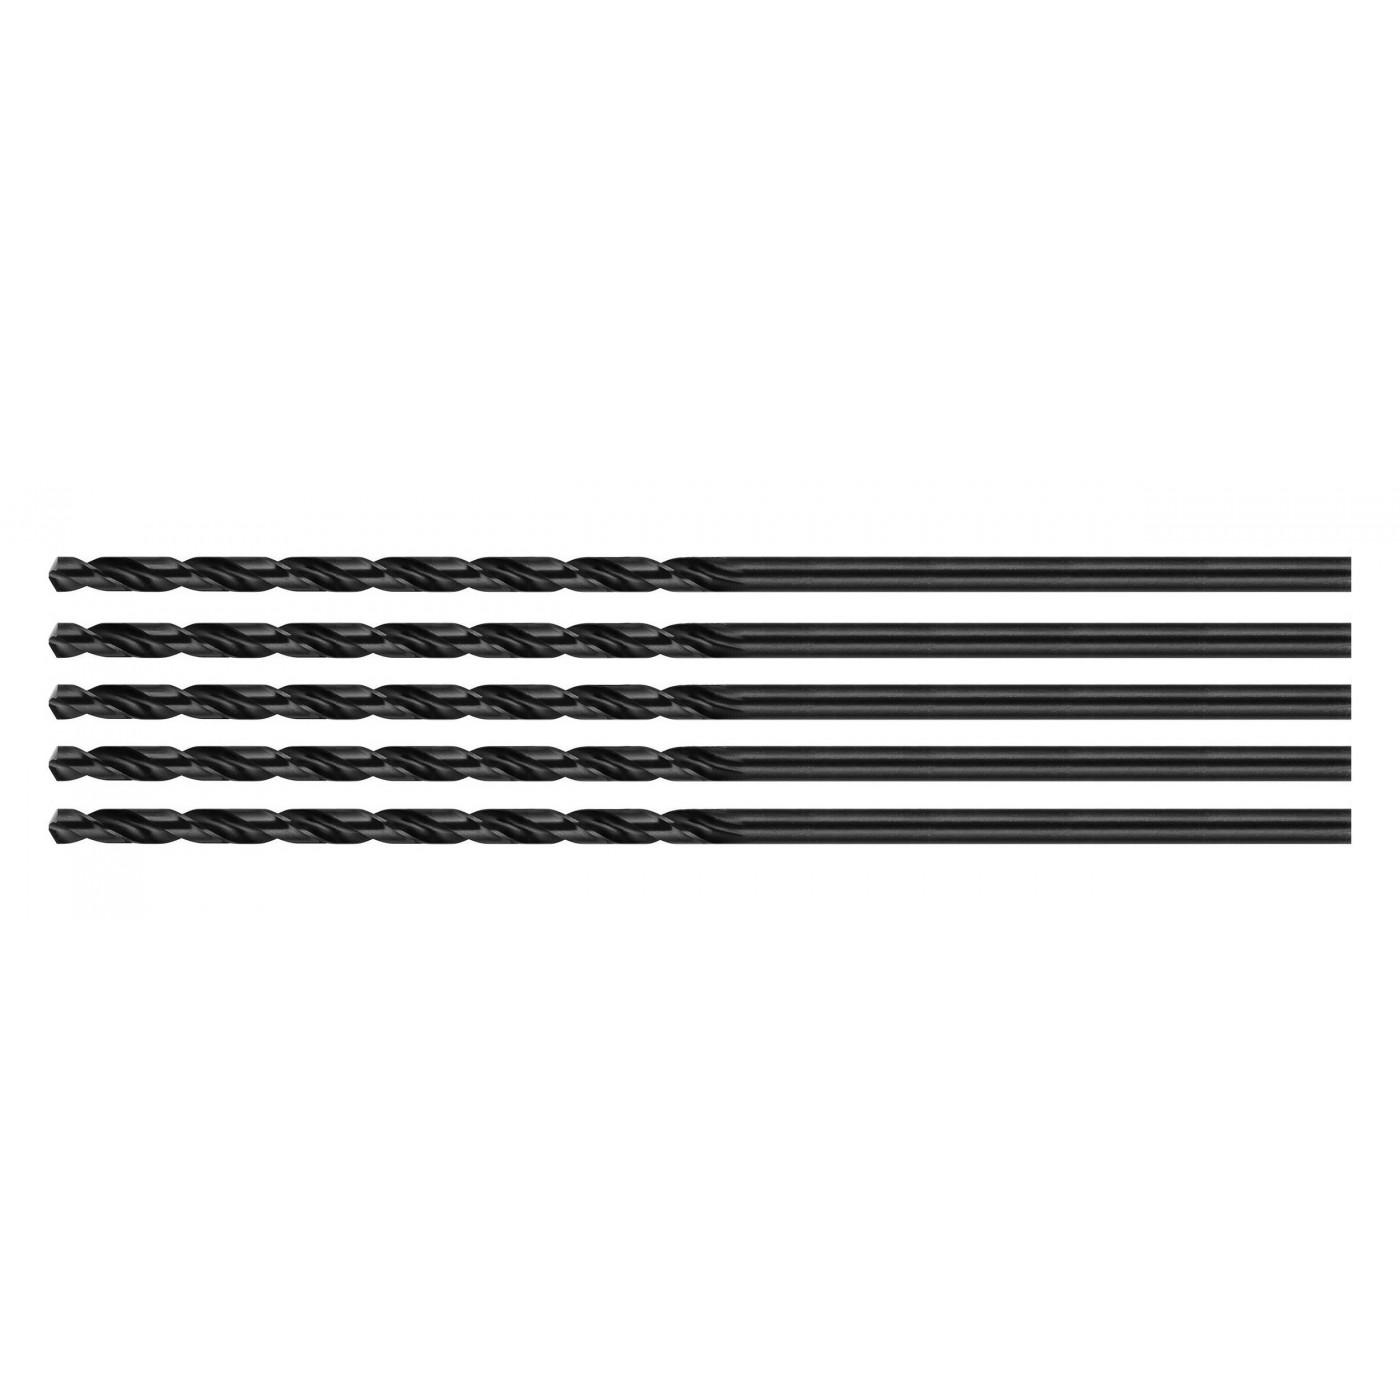 Set von 5 Metallbohrern (HSS, 3,5x140 mm)